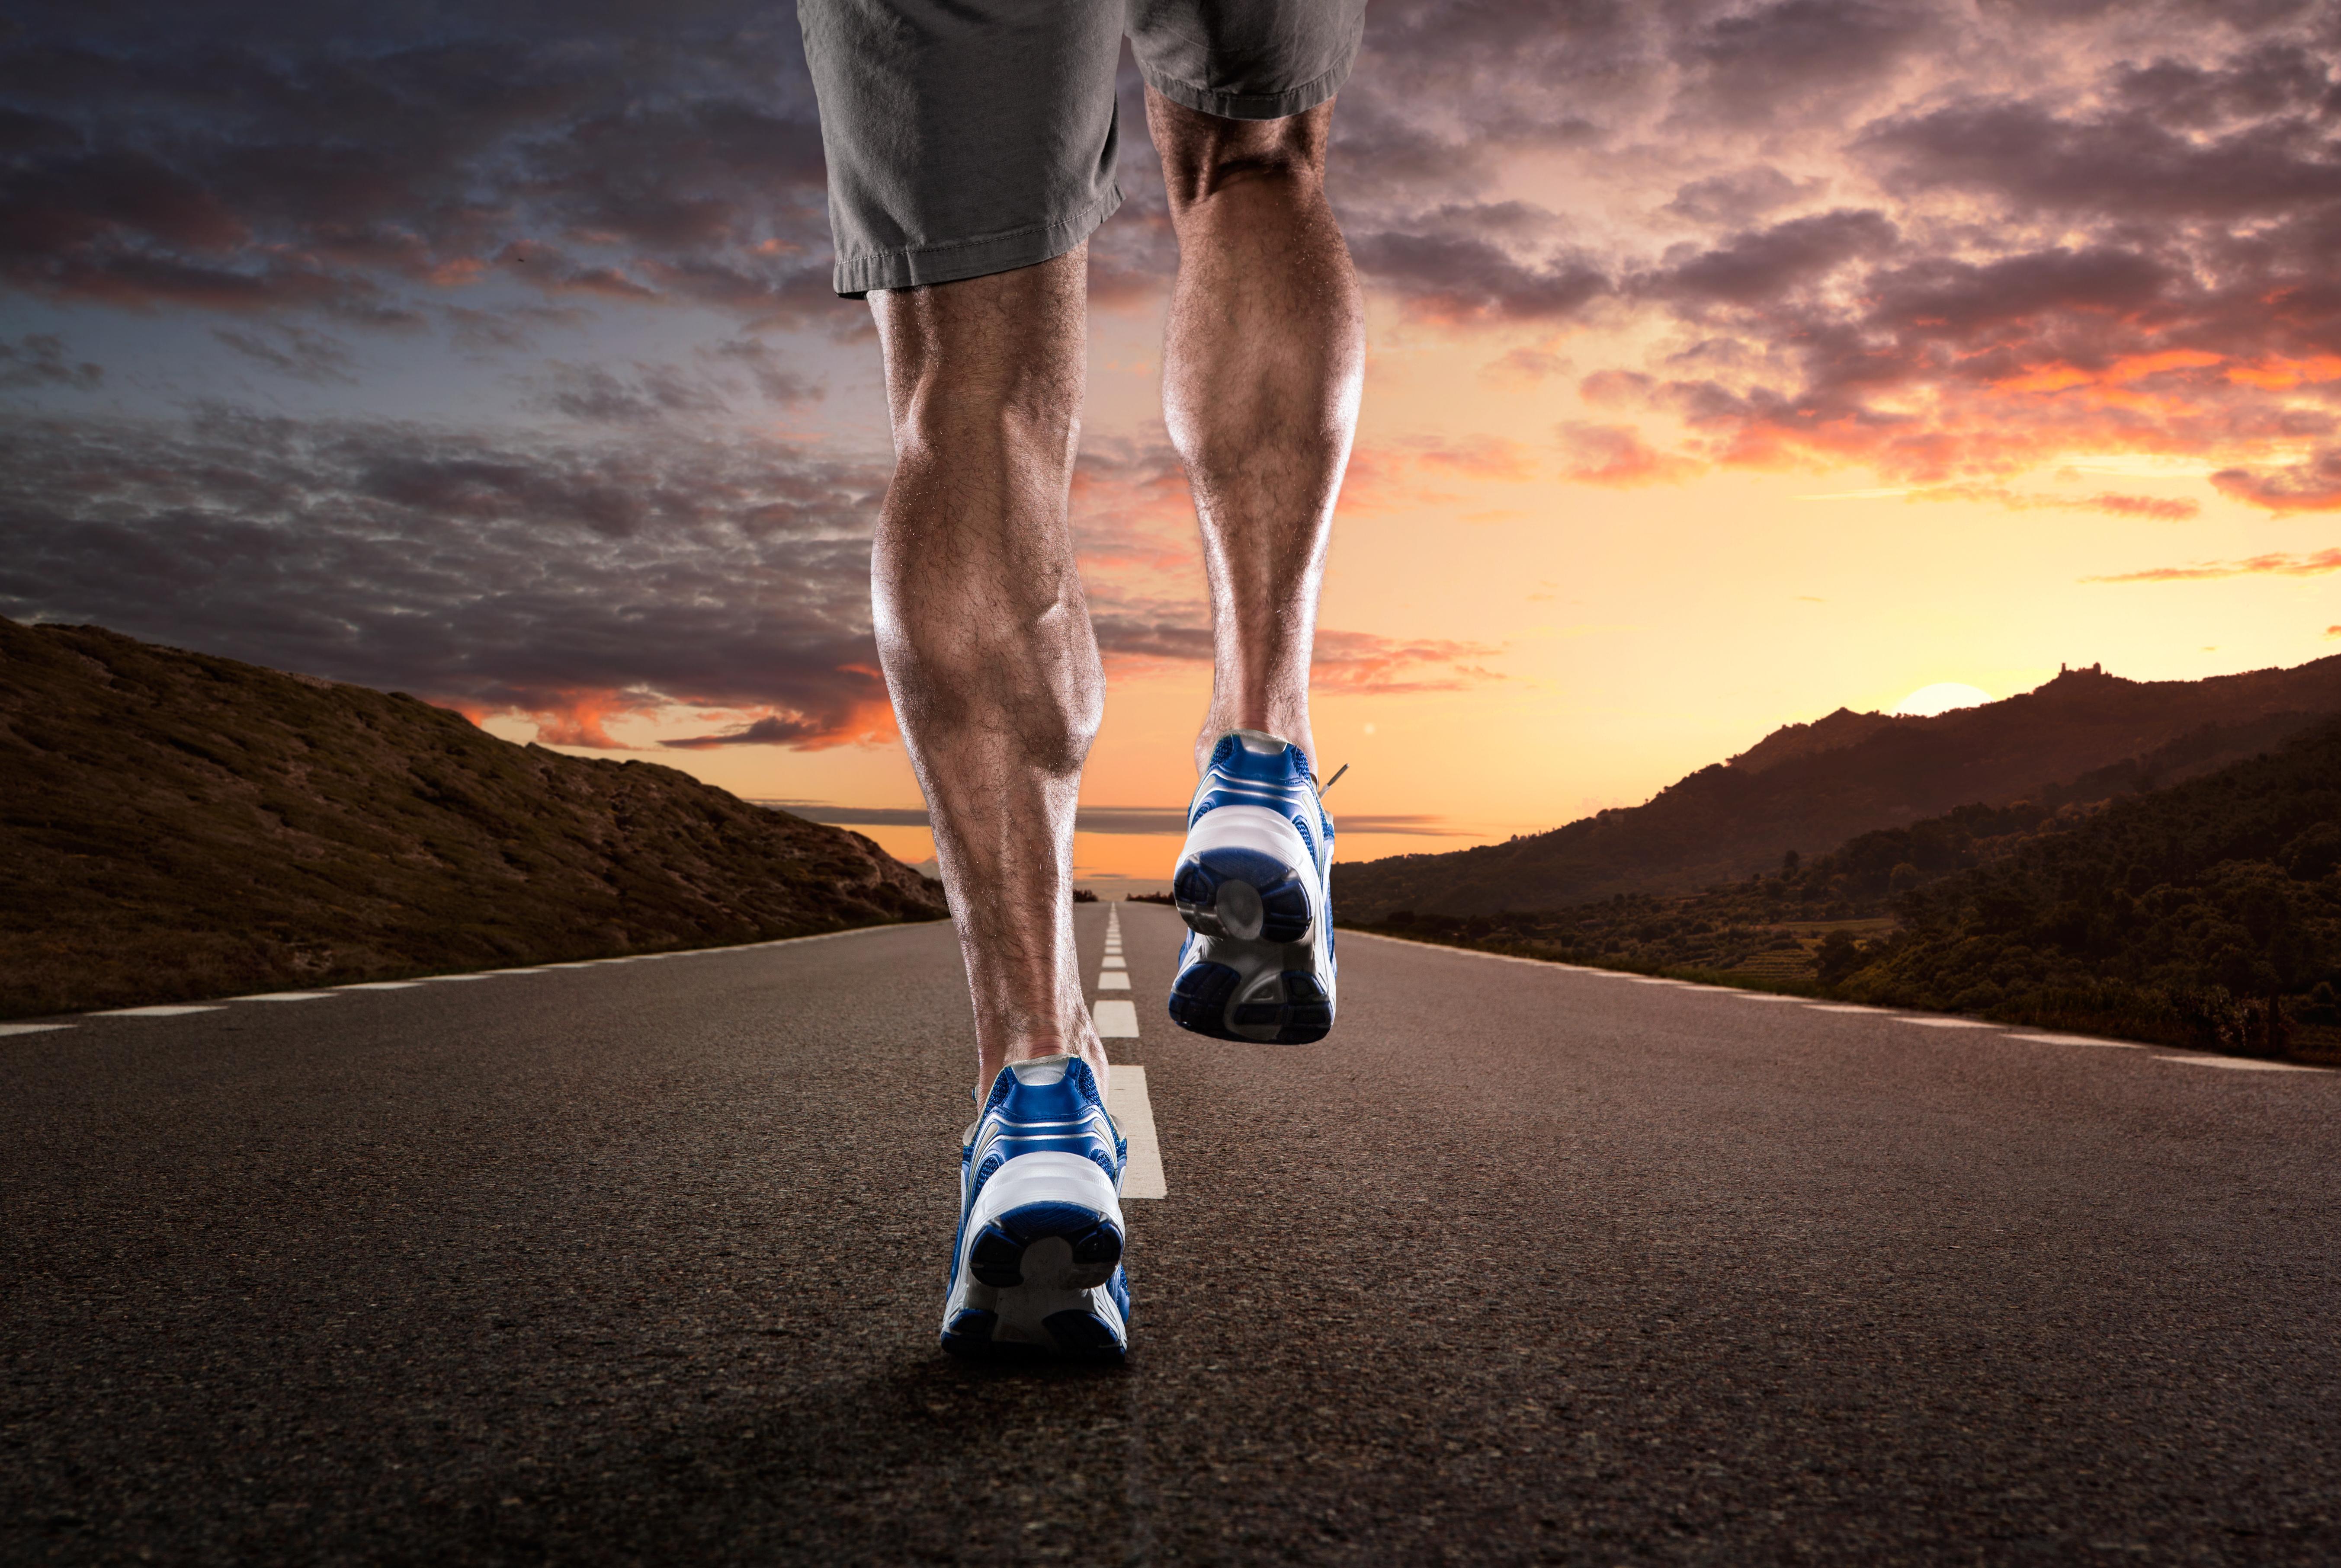 Muscoli indolenziti dopo l'allenamento: come evitarli e curarli